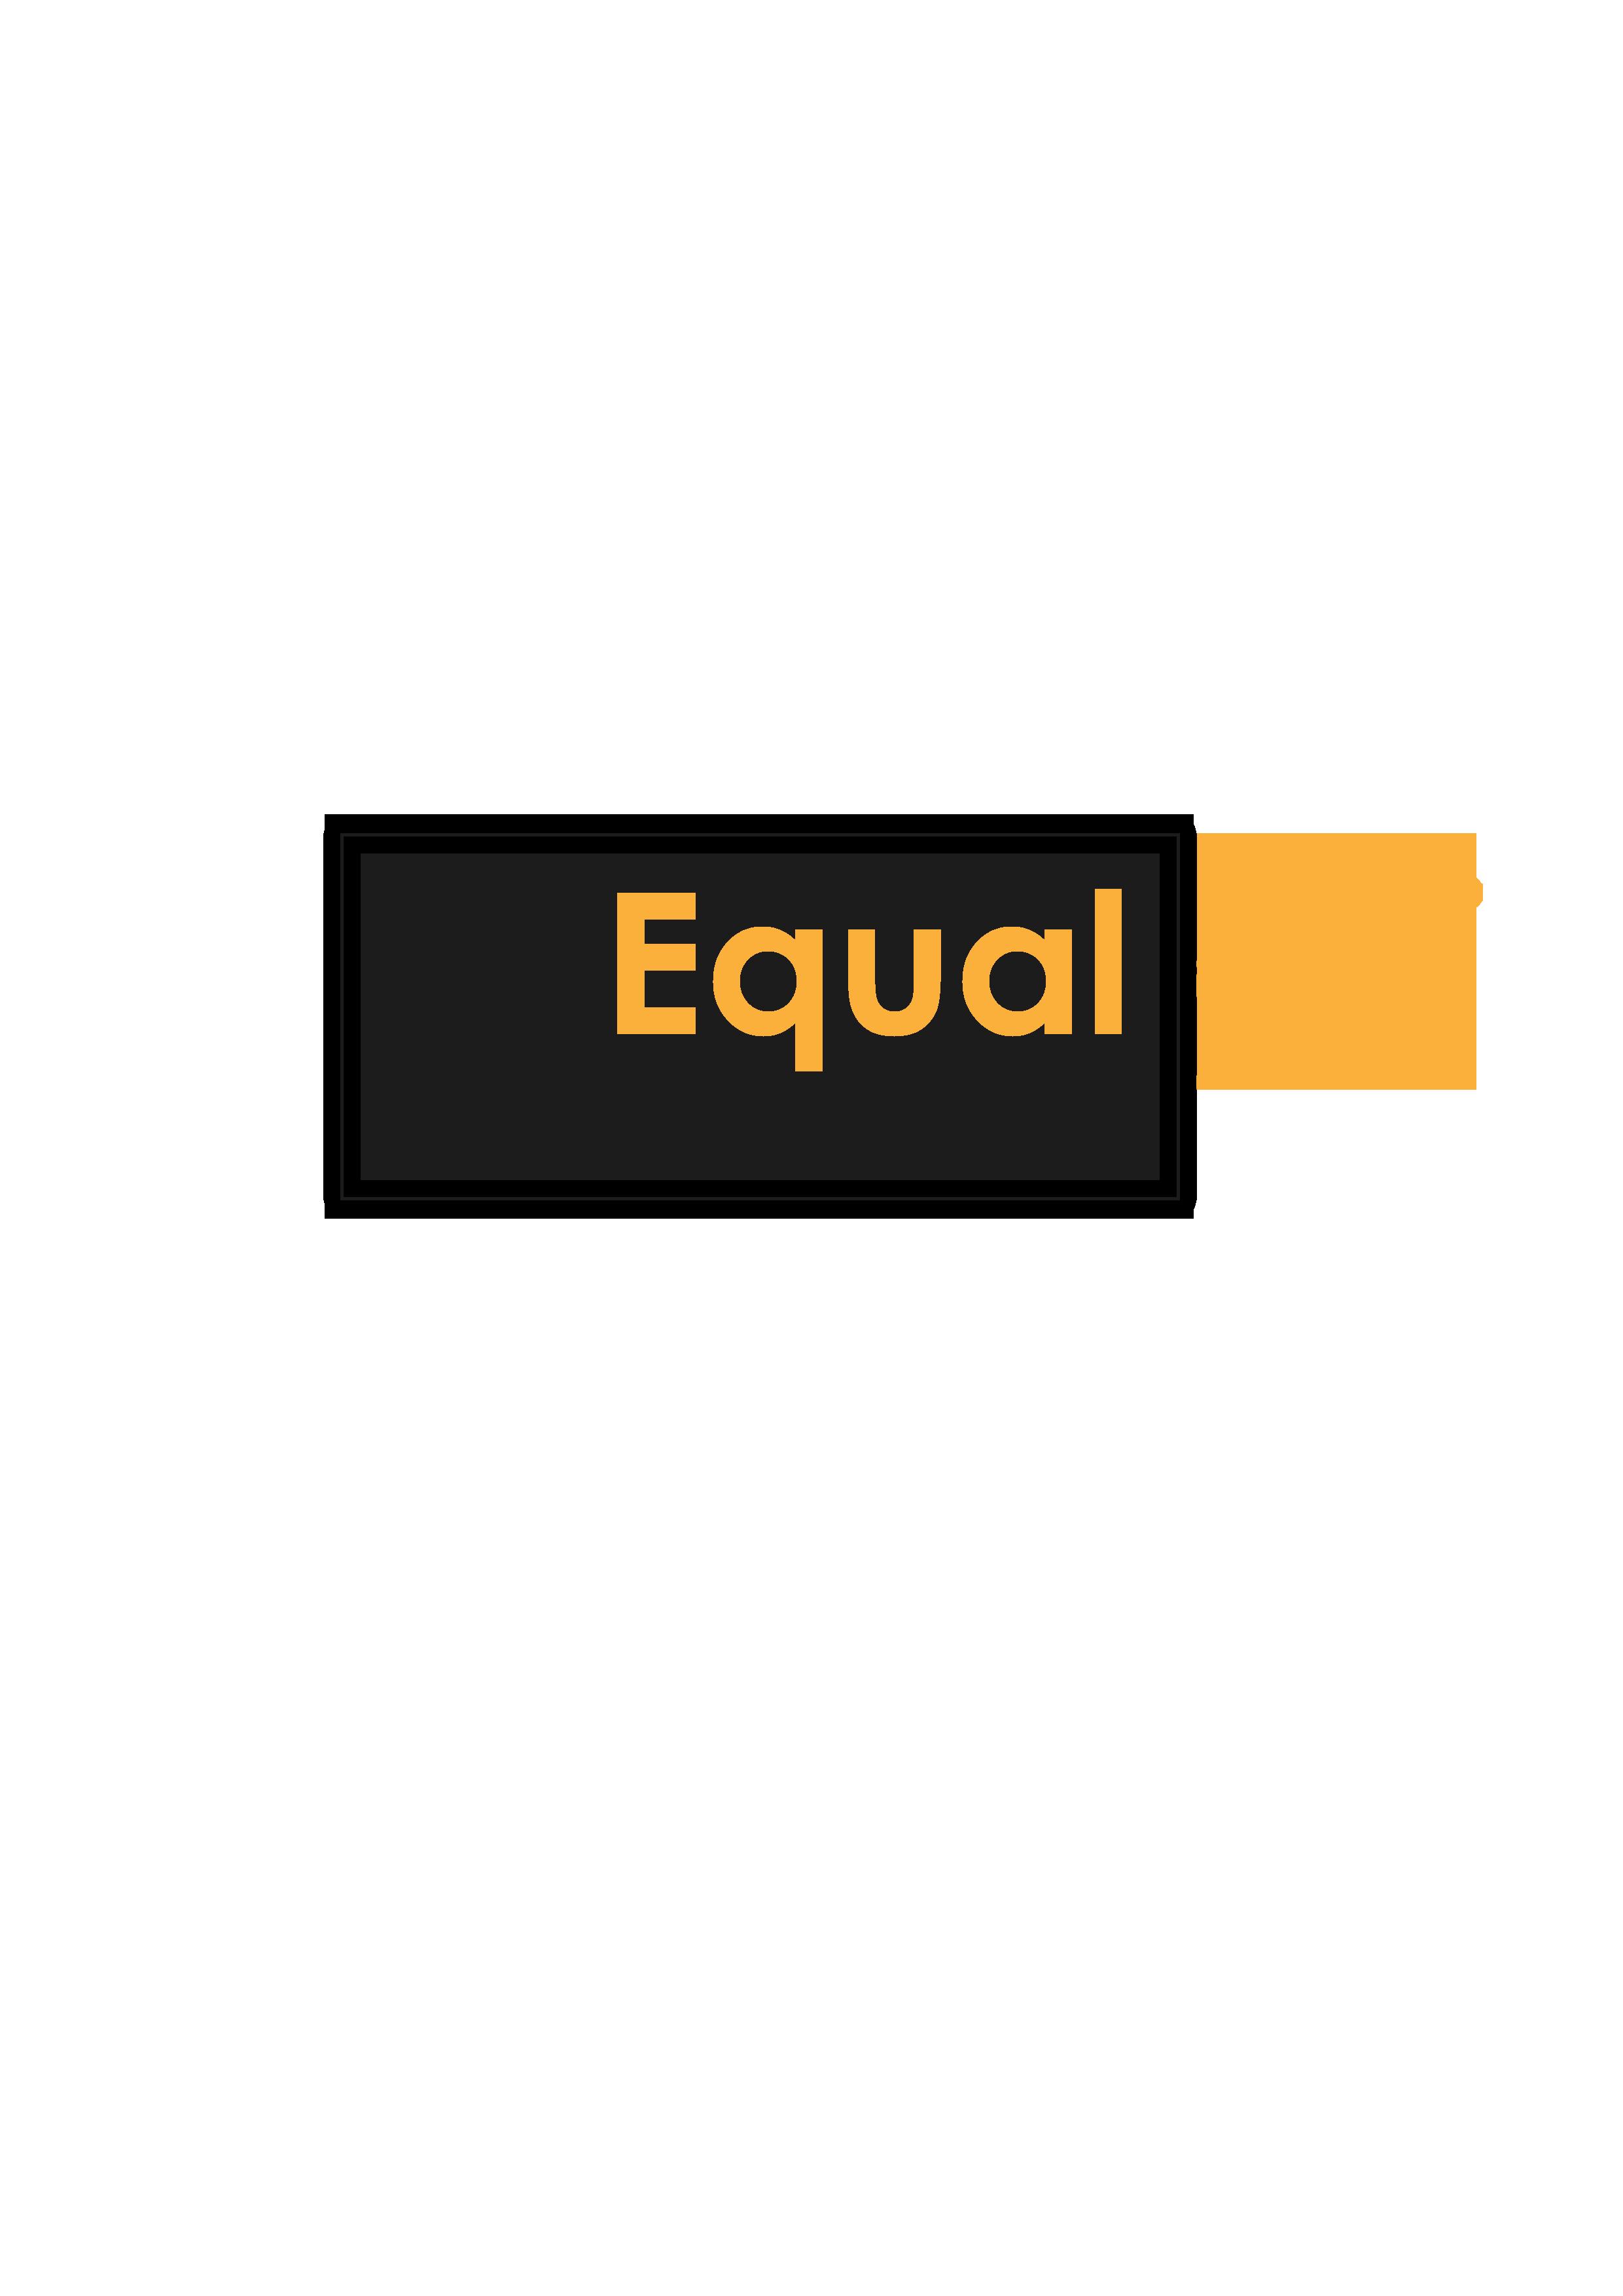 BEEqual